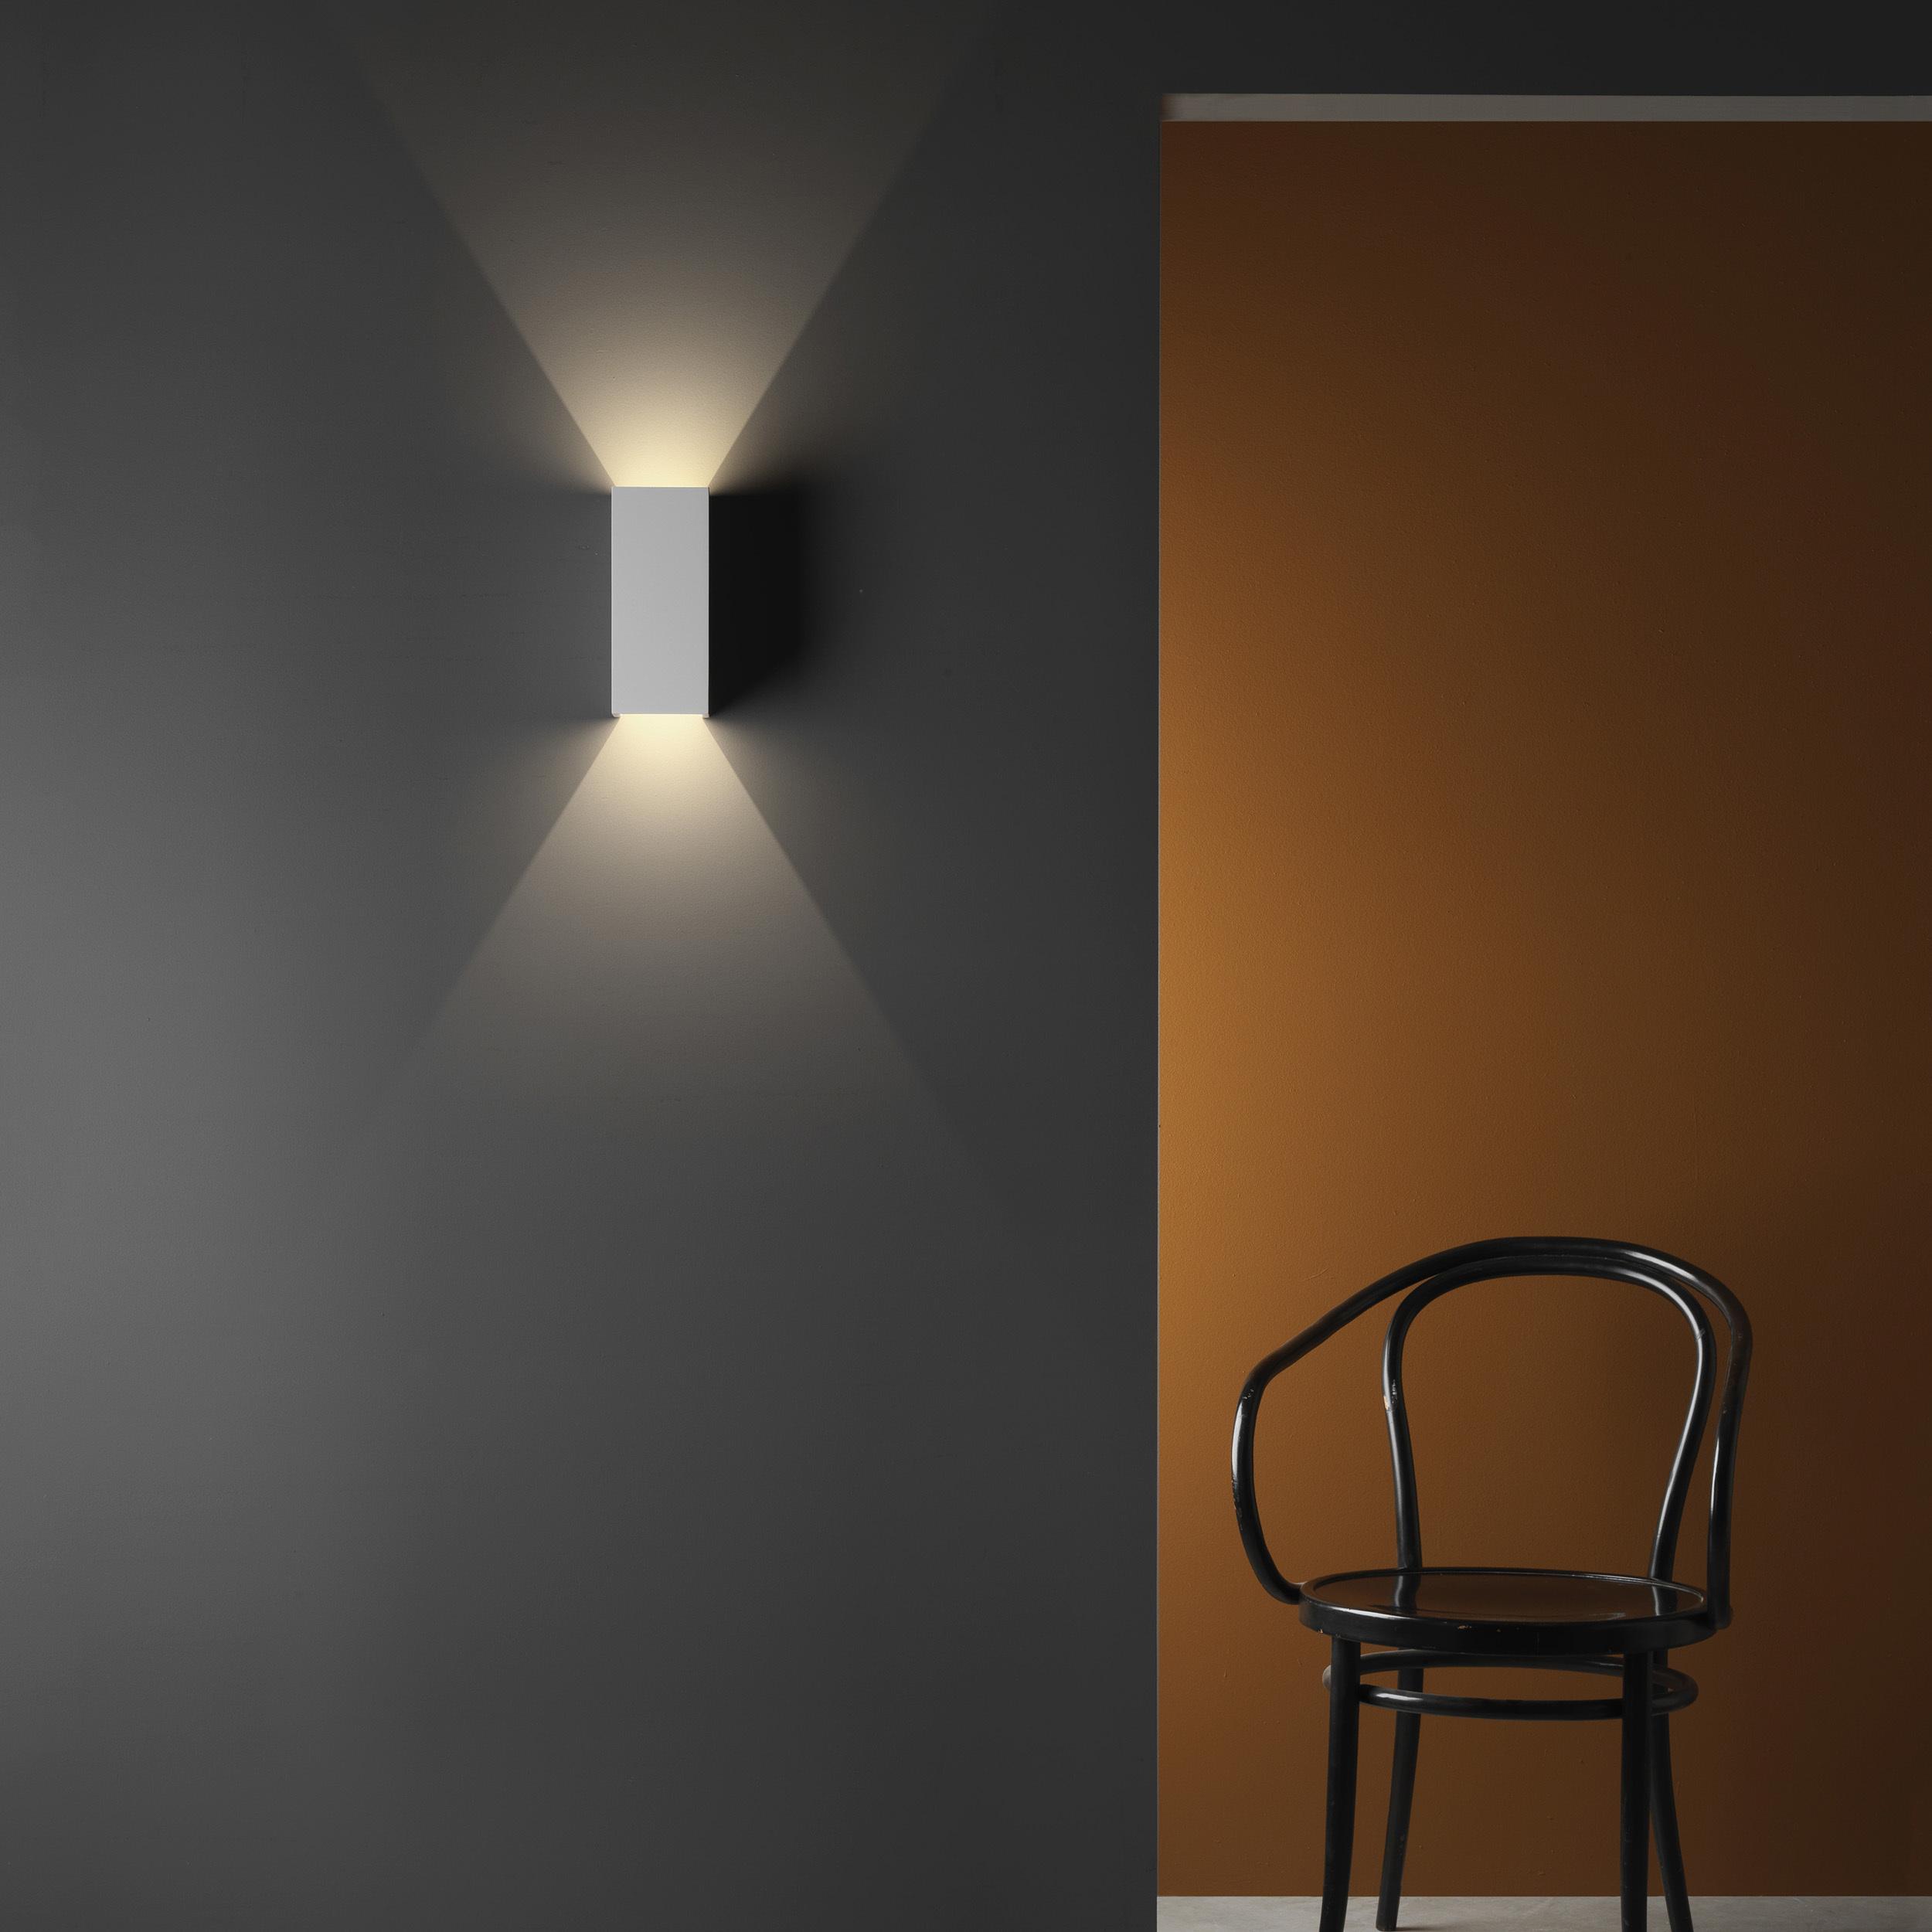 Настенный светодиодный светильник Astro Parma 1187021 (8182), LED 7,7W 3000K 503.6lm CRI80, белый, под покраску, гипс - фото 2